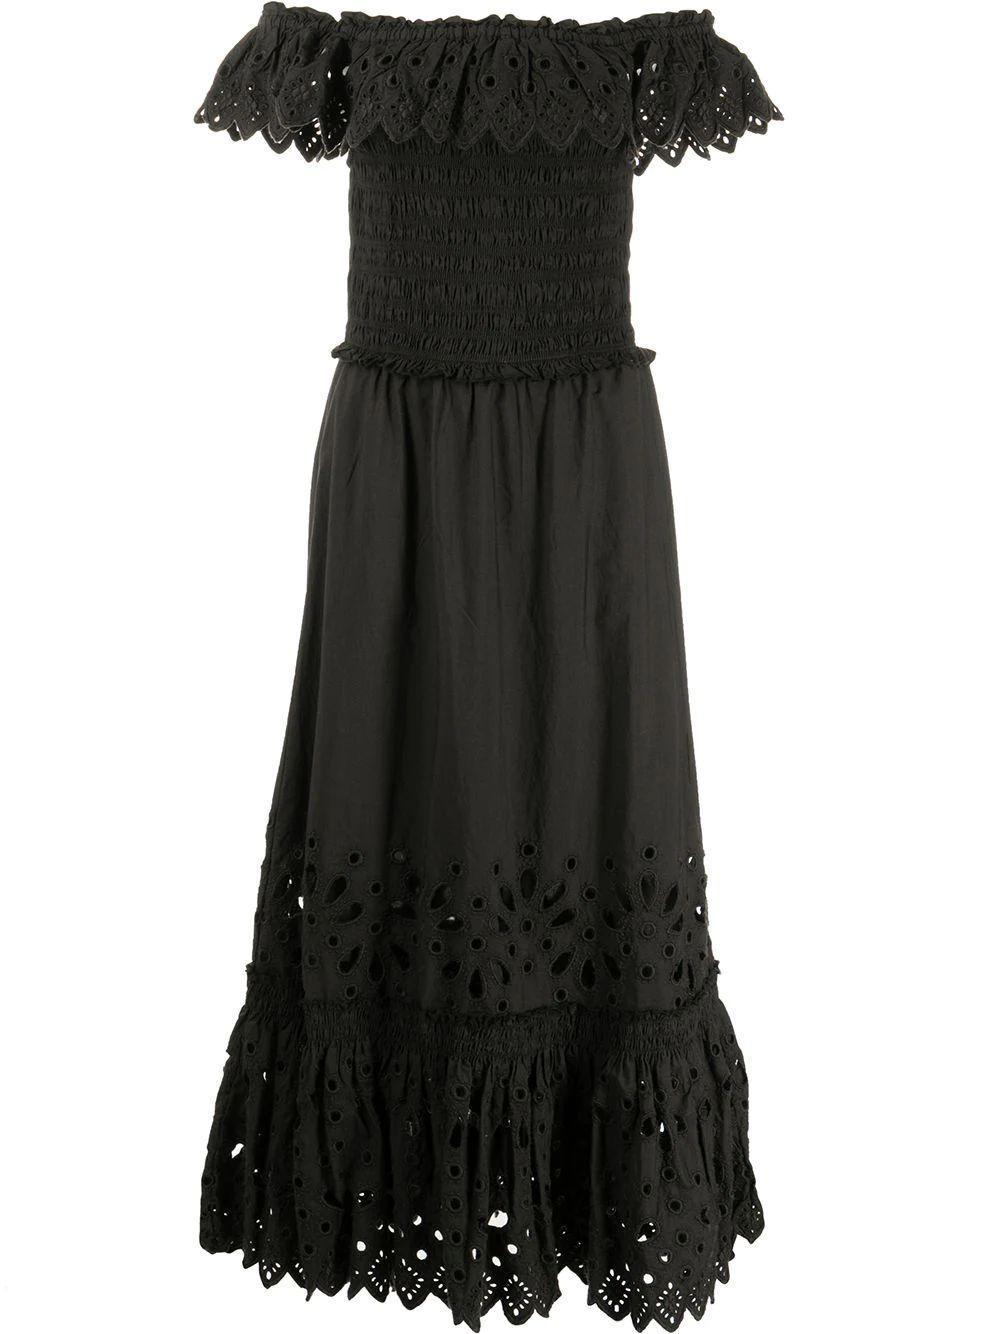 Hazel Eyelet Dress